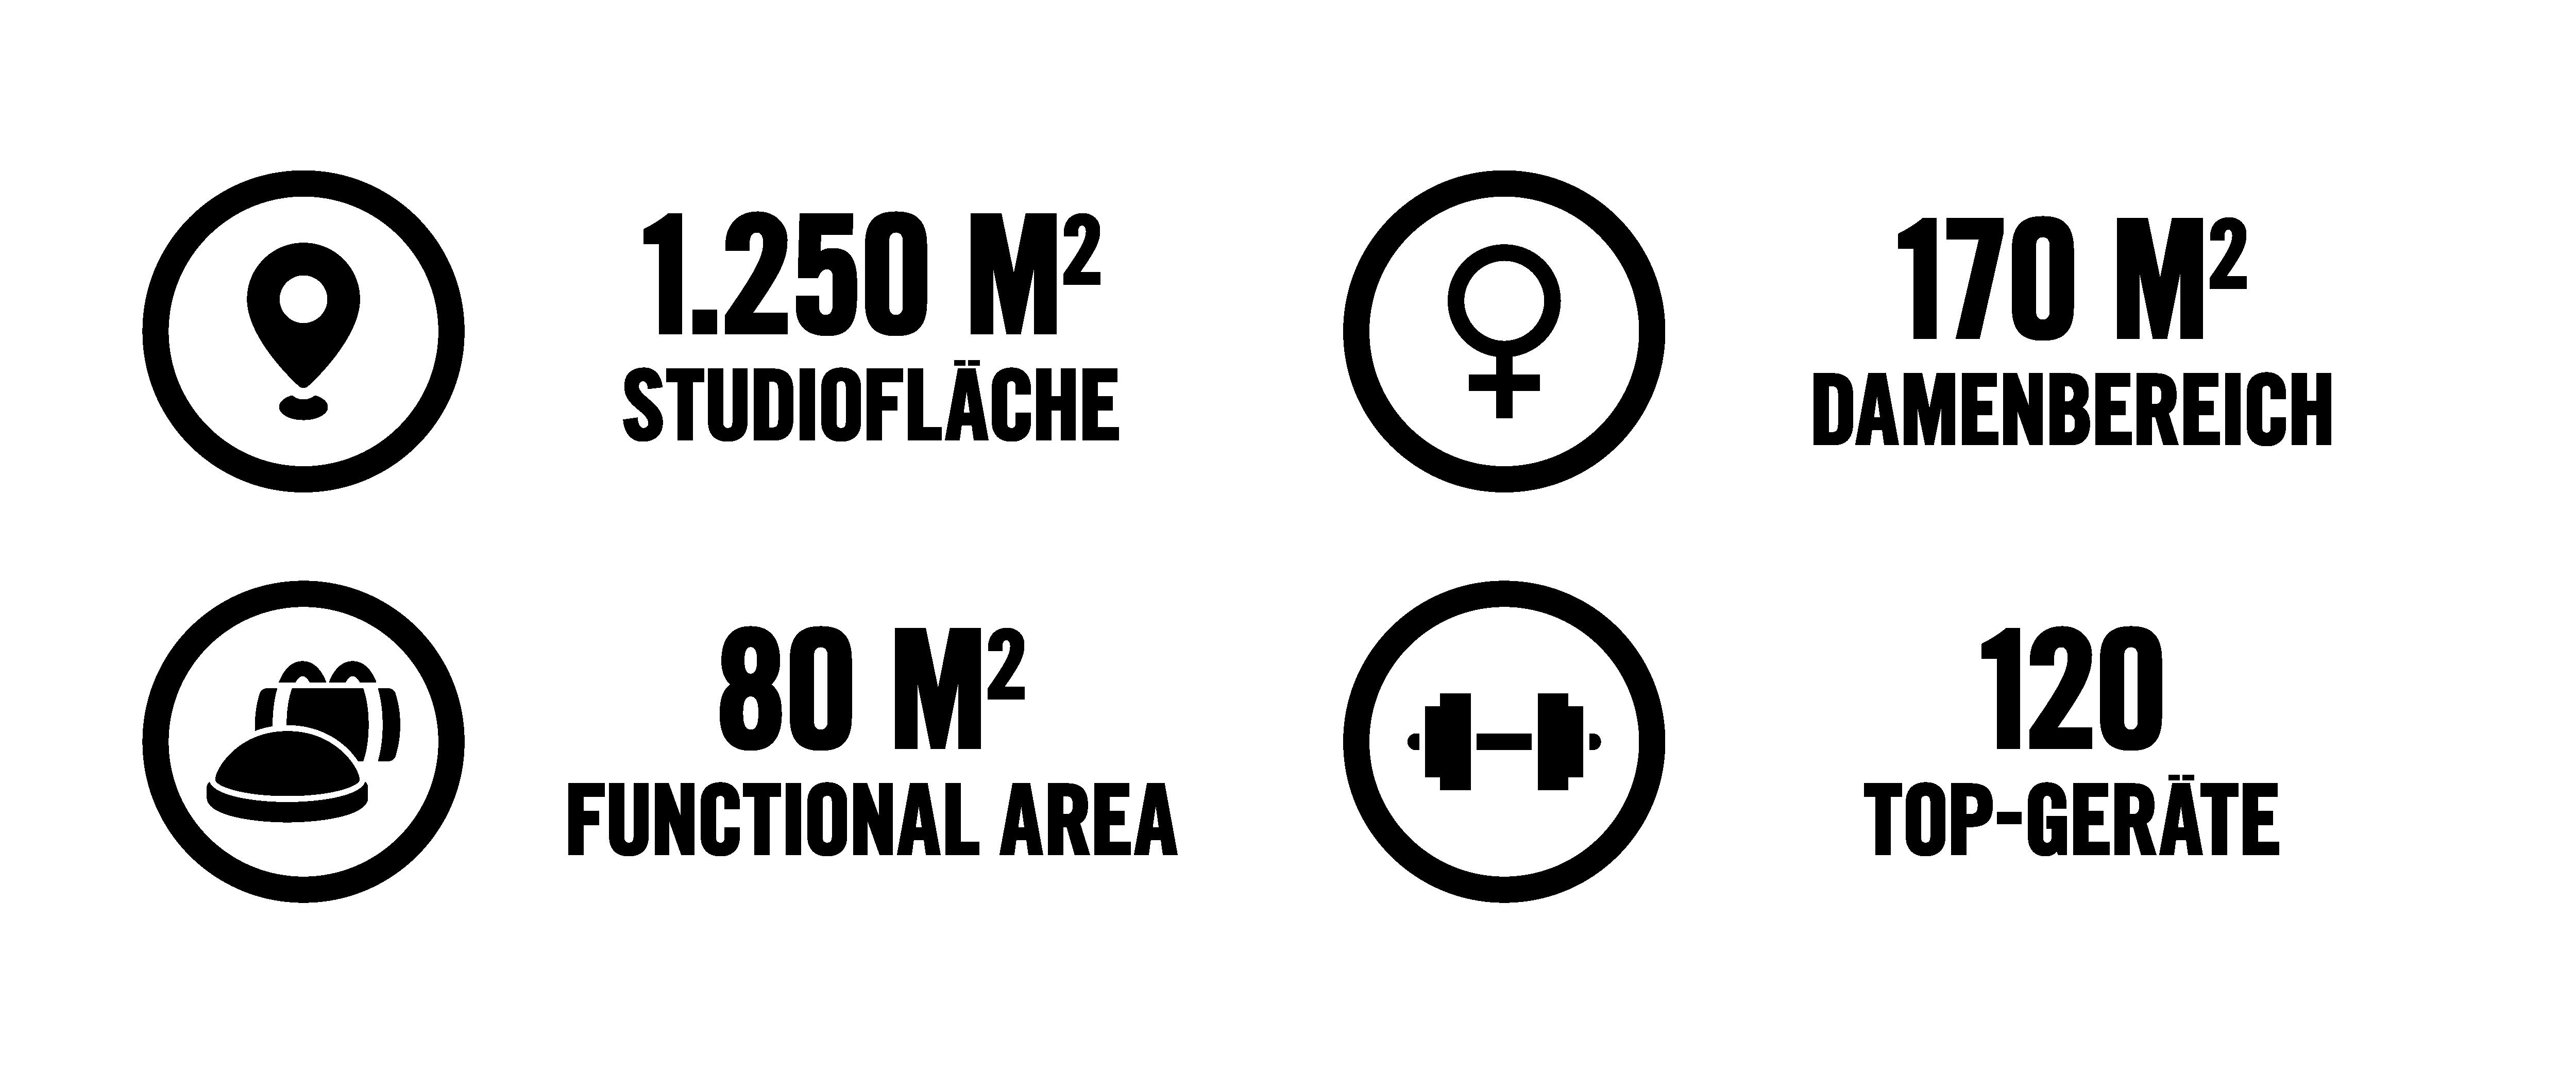 1.250 m2 Studiofläche + 120 Top-Geräte